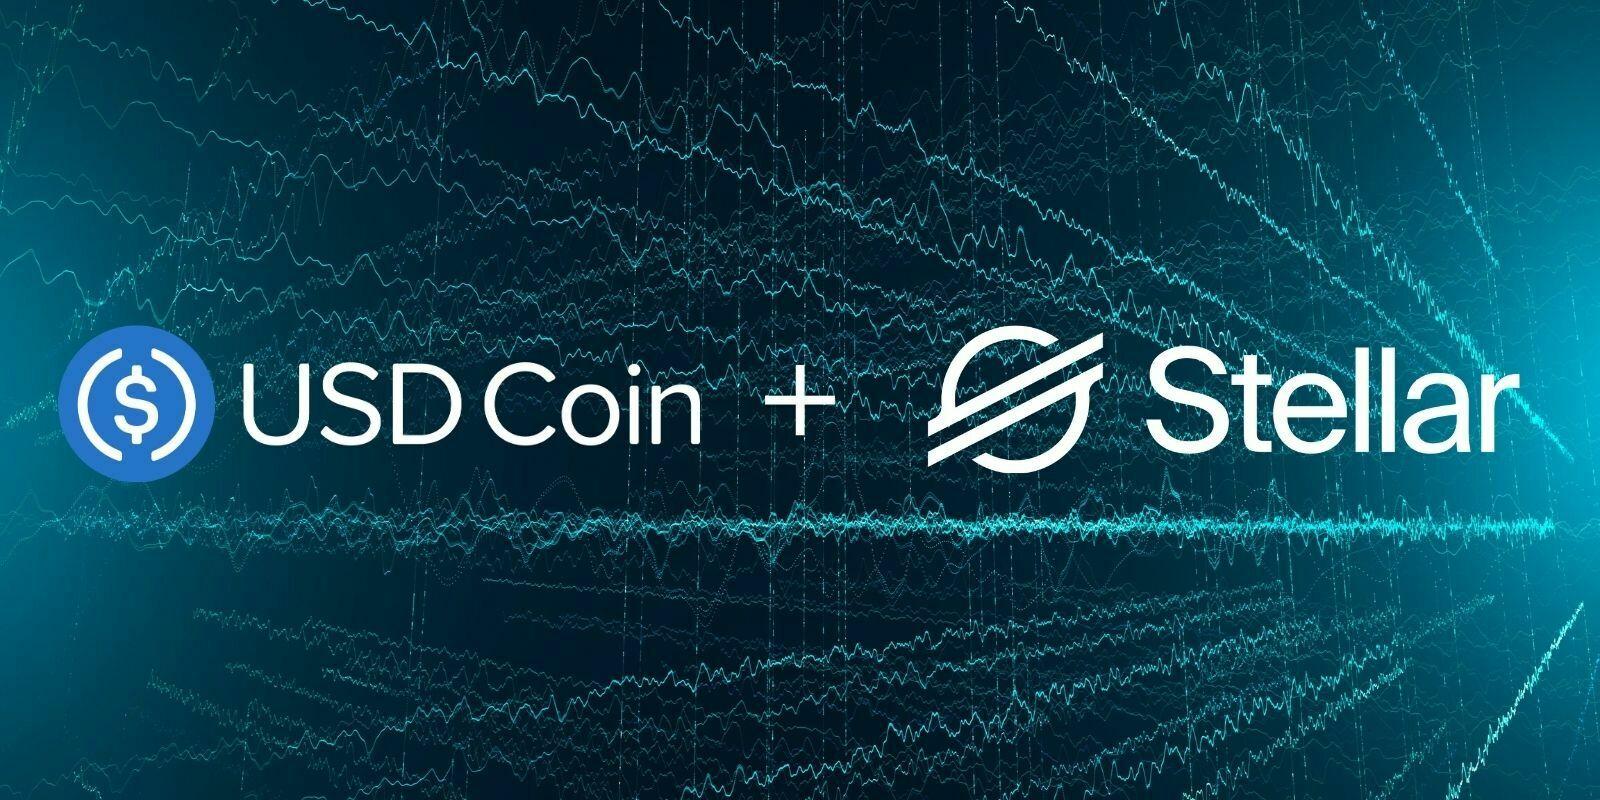 La blockchain Stellar intègre le stablecoin USDC à son écosystème